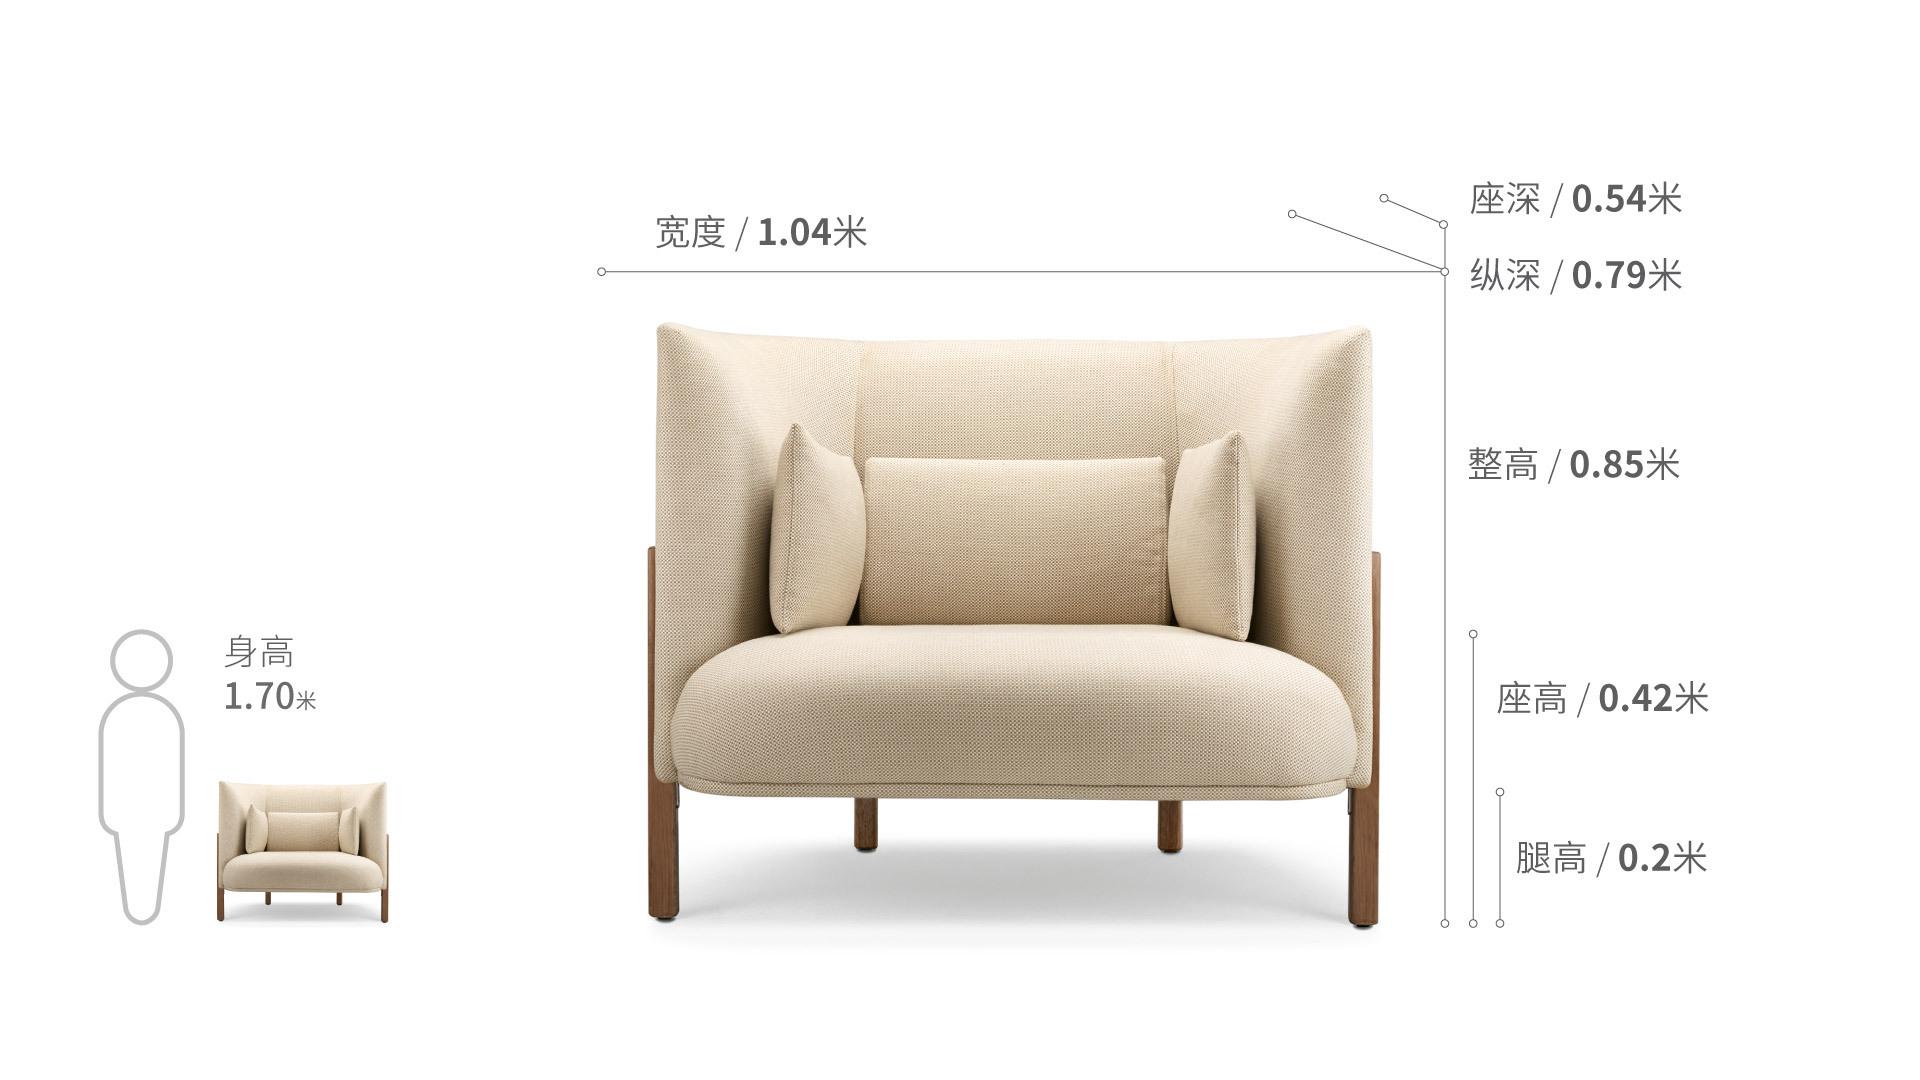 COFA单人座沙发效果图